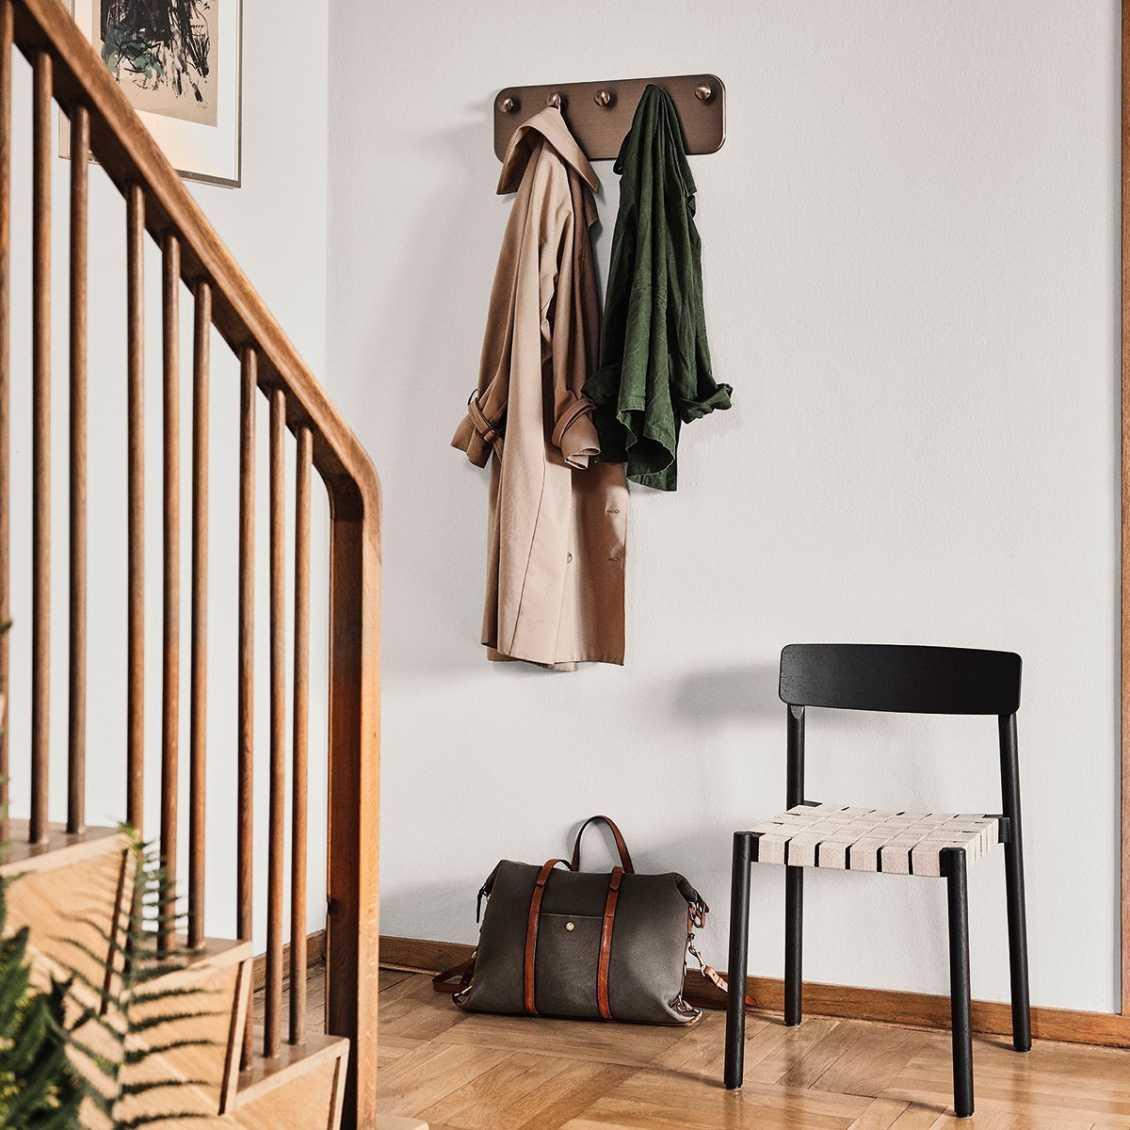 https://www.fundesign.nl/media/catalog/product/h/a/hanger-sfeer-1.jpg